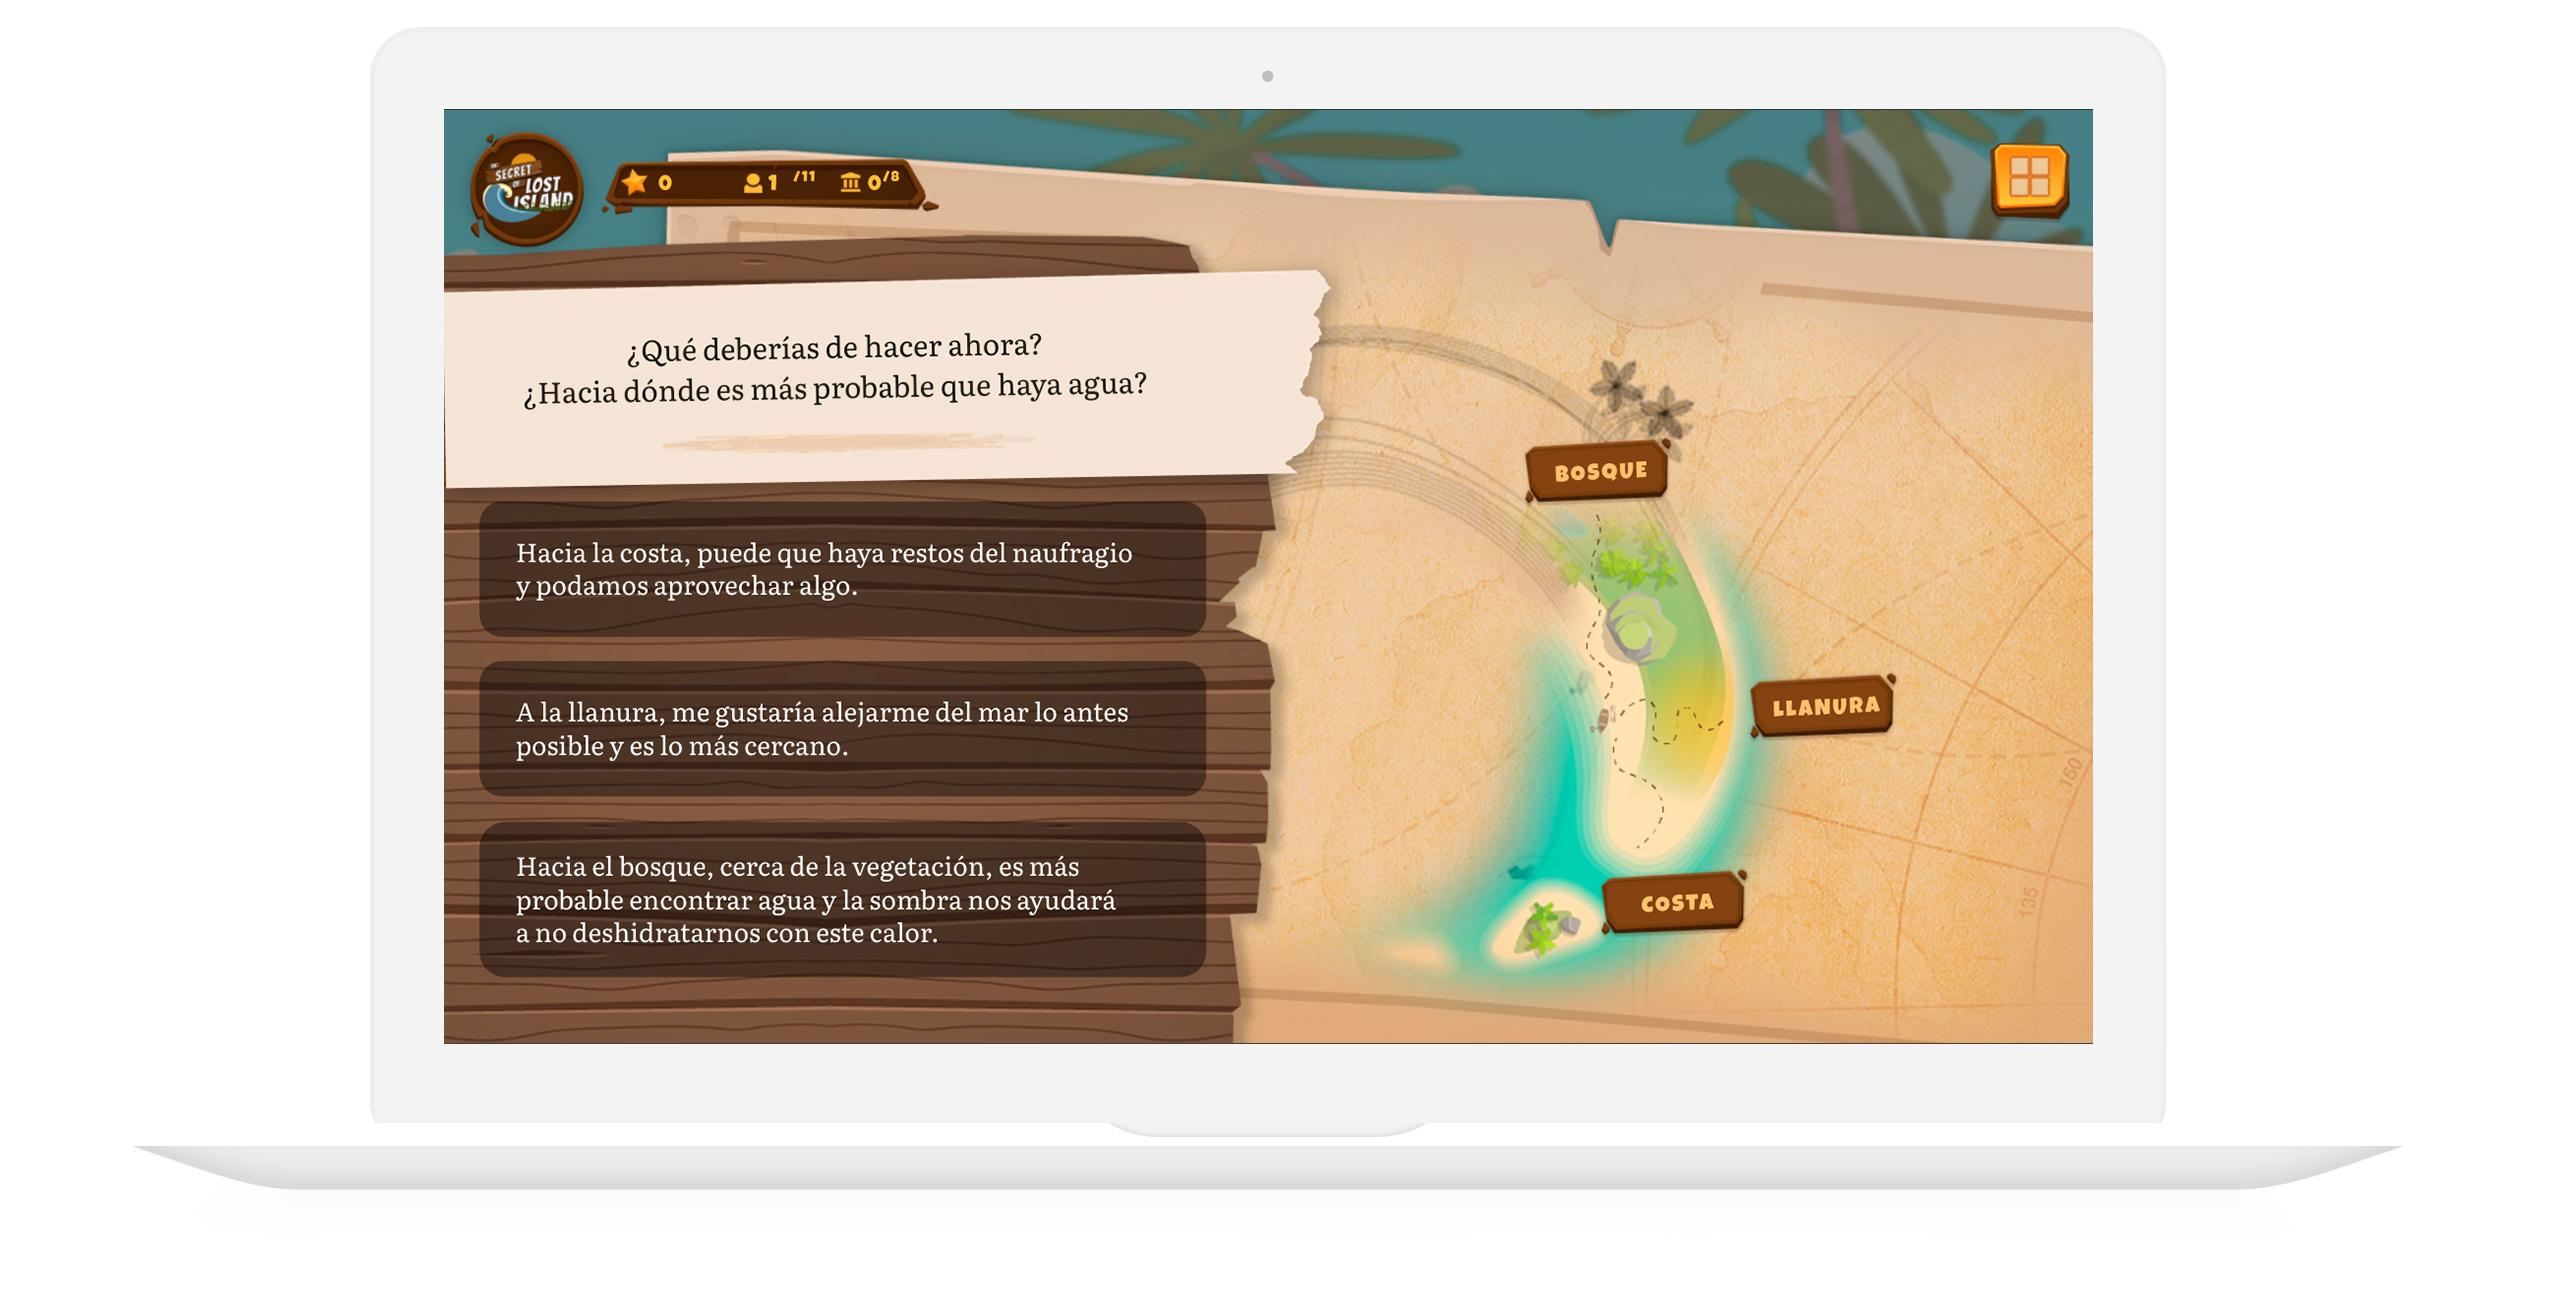 Cómo el juego de roles online puede ser una gran herramienta para el e-Learning